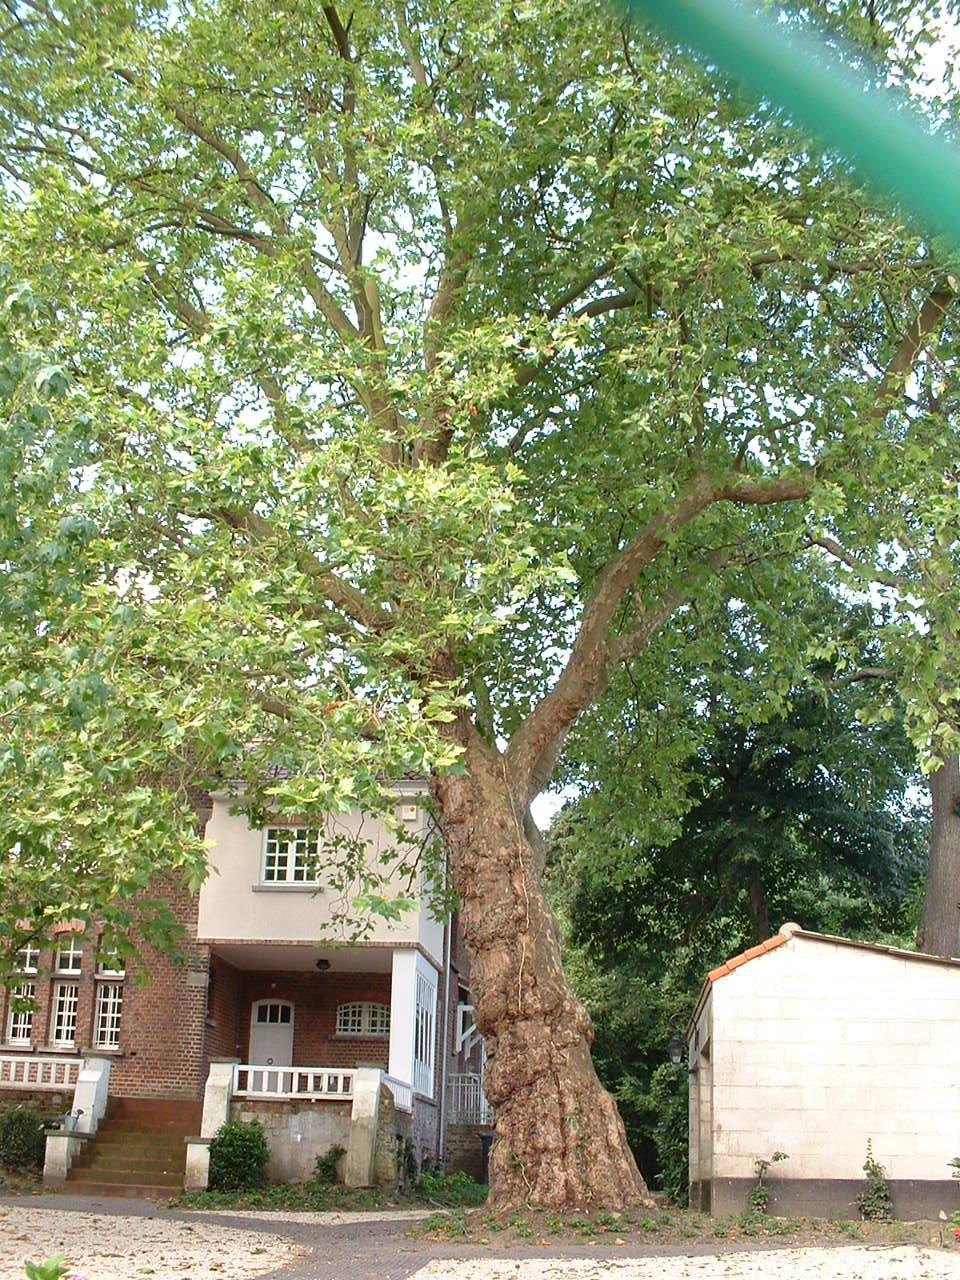 Platane à feuille d'érable – Watermael-Boitsfort, Avenue Emile Van Becelaere, 164 –  18 Juillet 2002